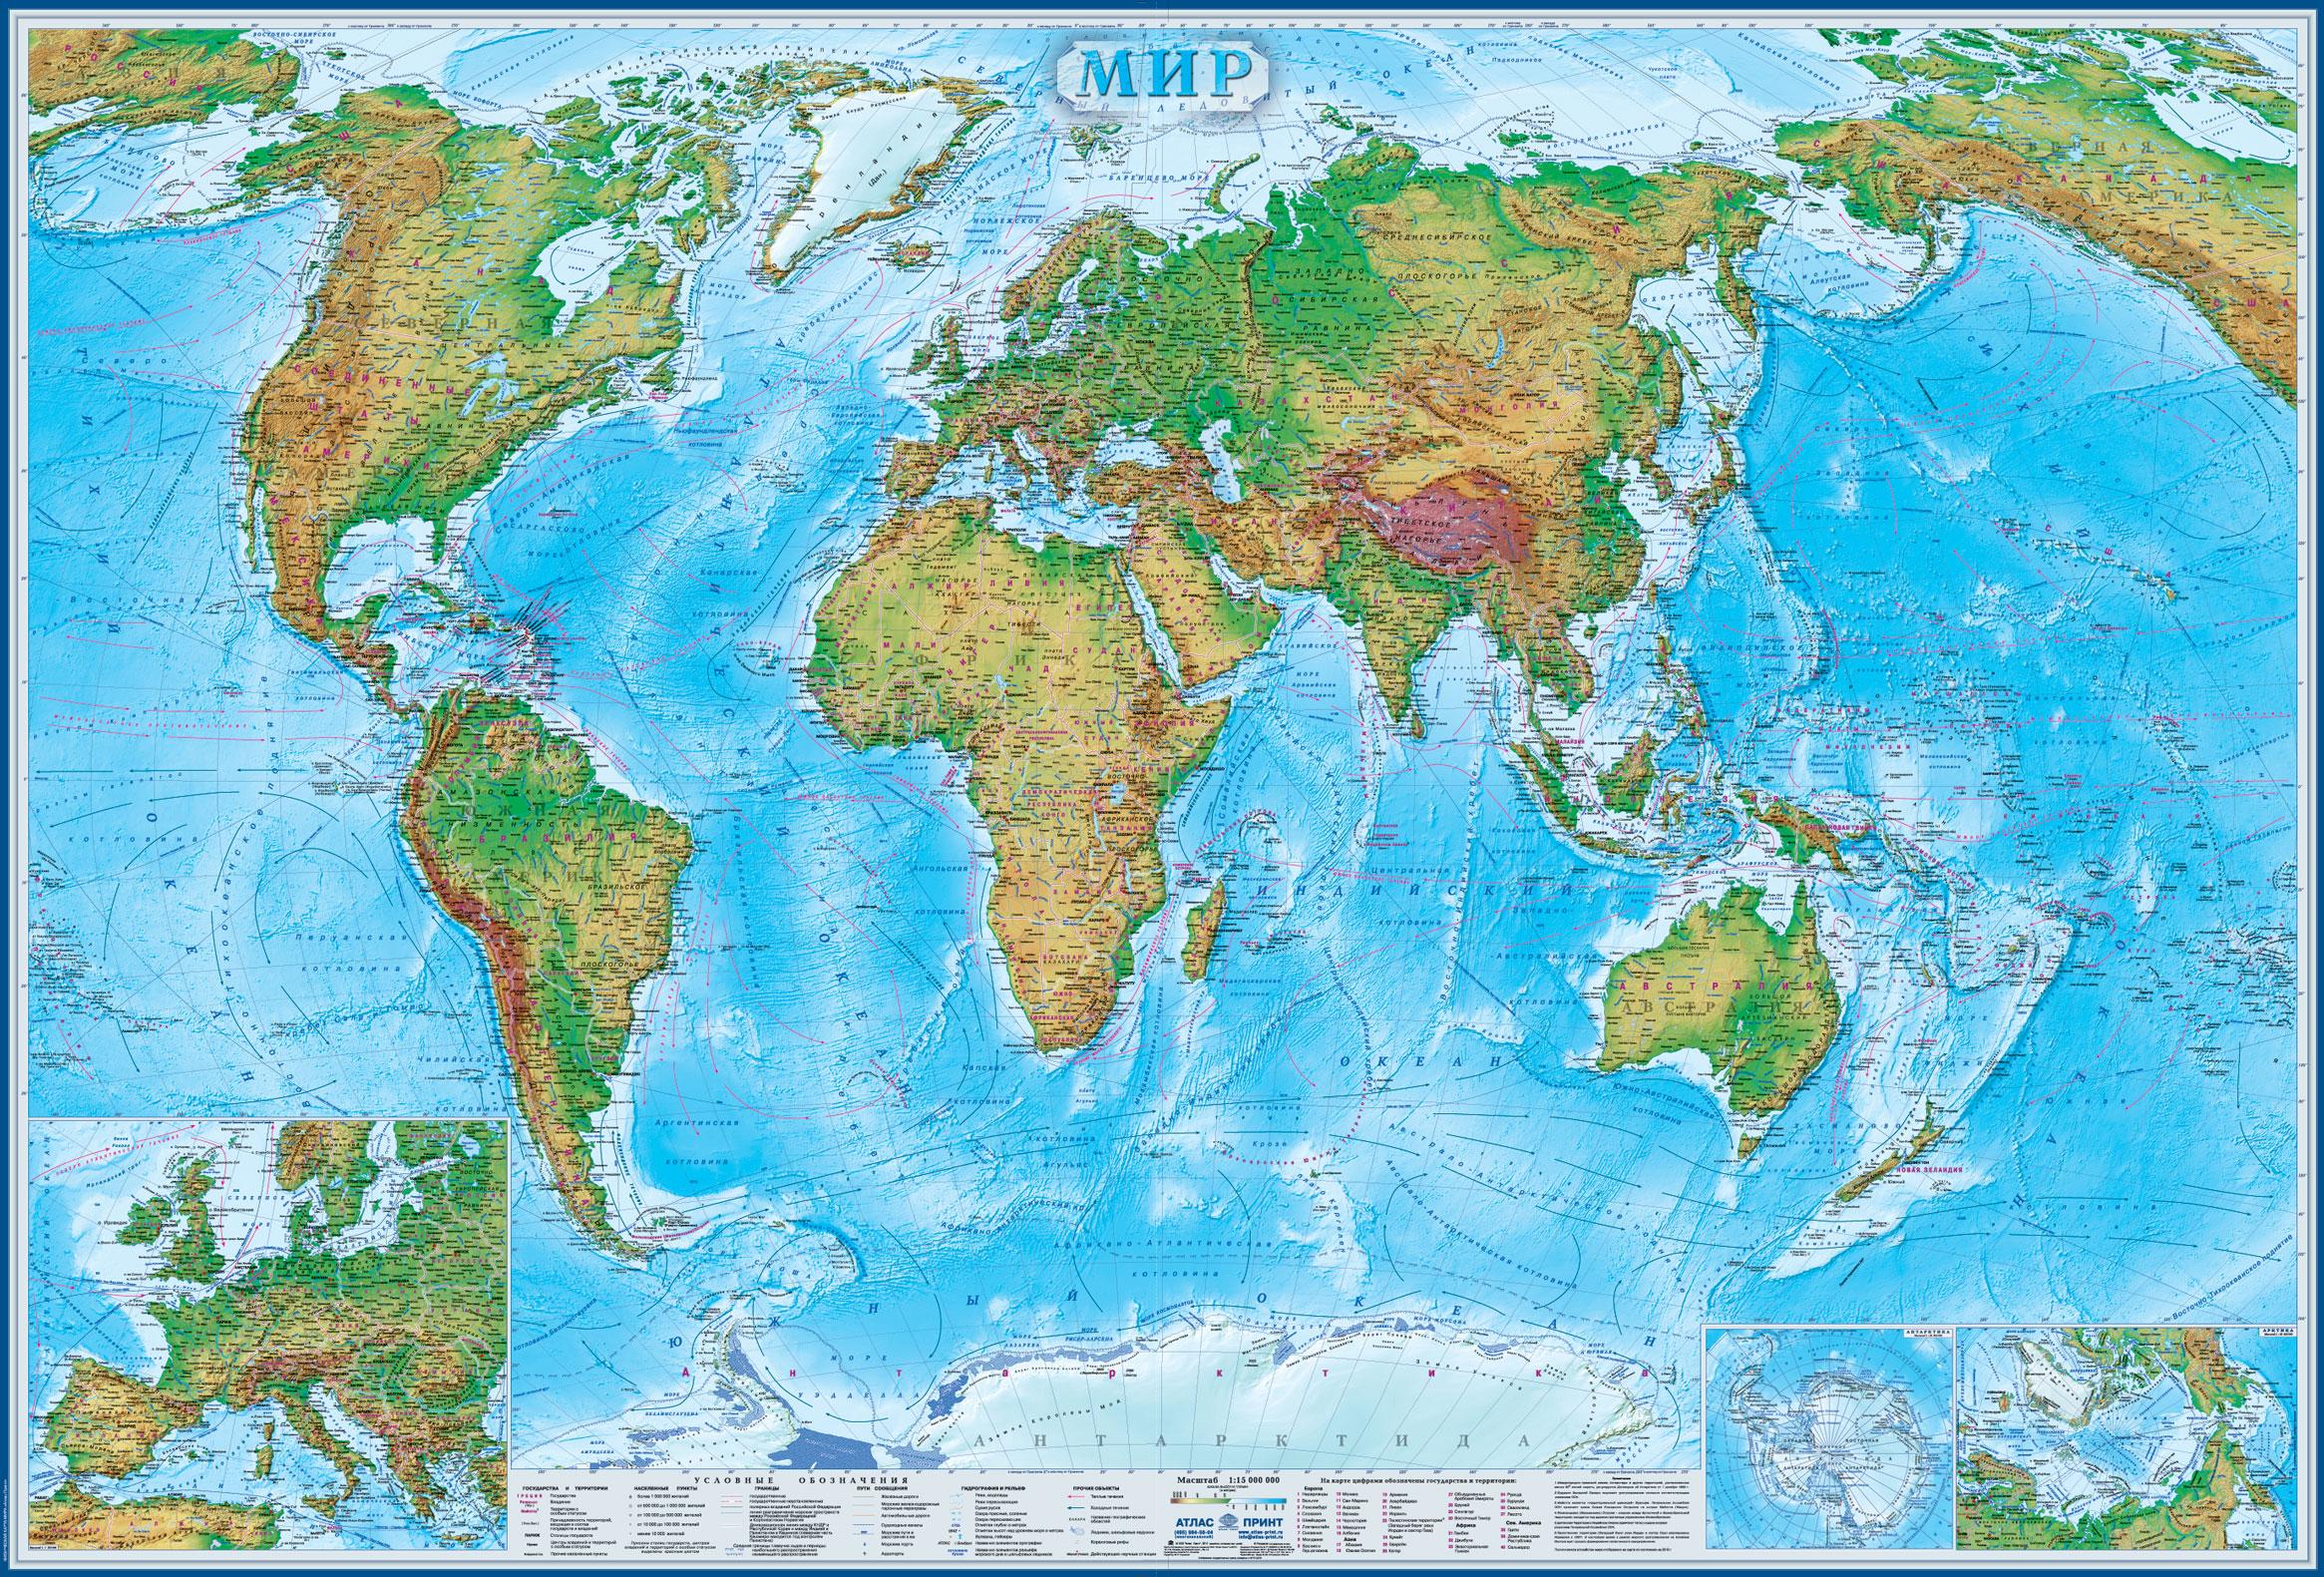 Карта мира. Физическая, с границами и названиями государств.